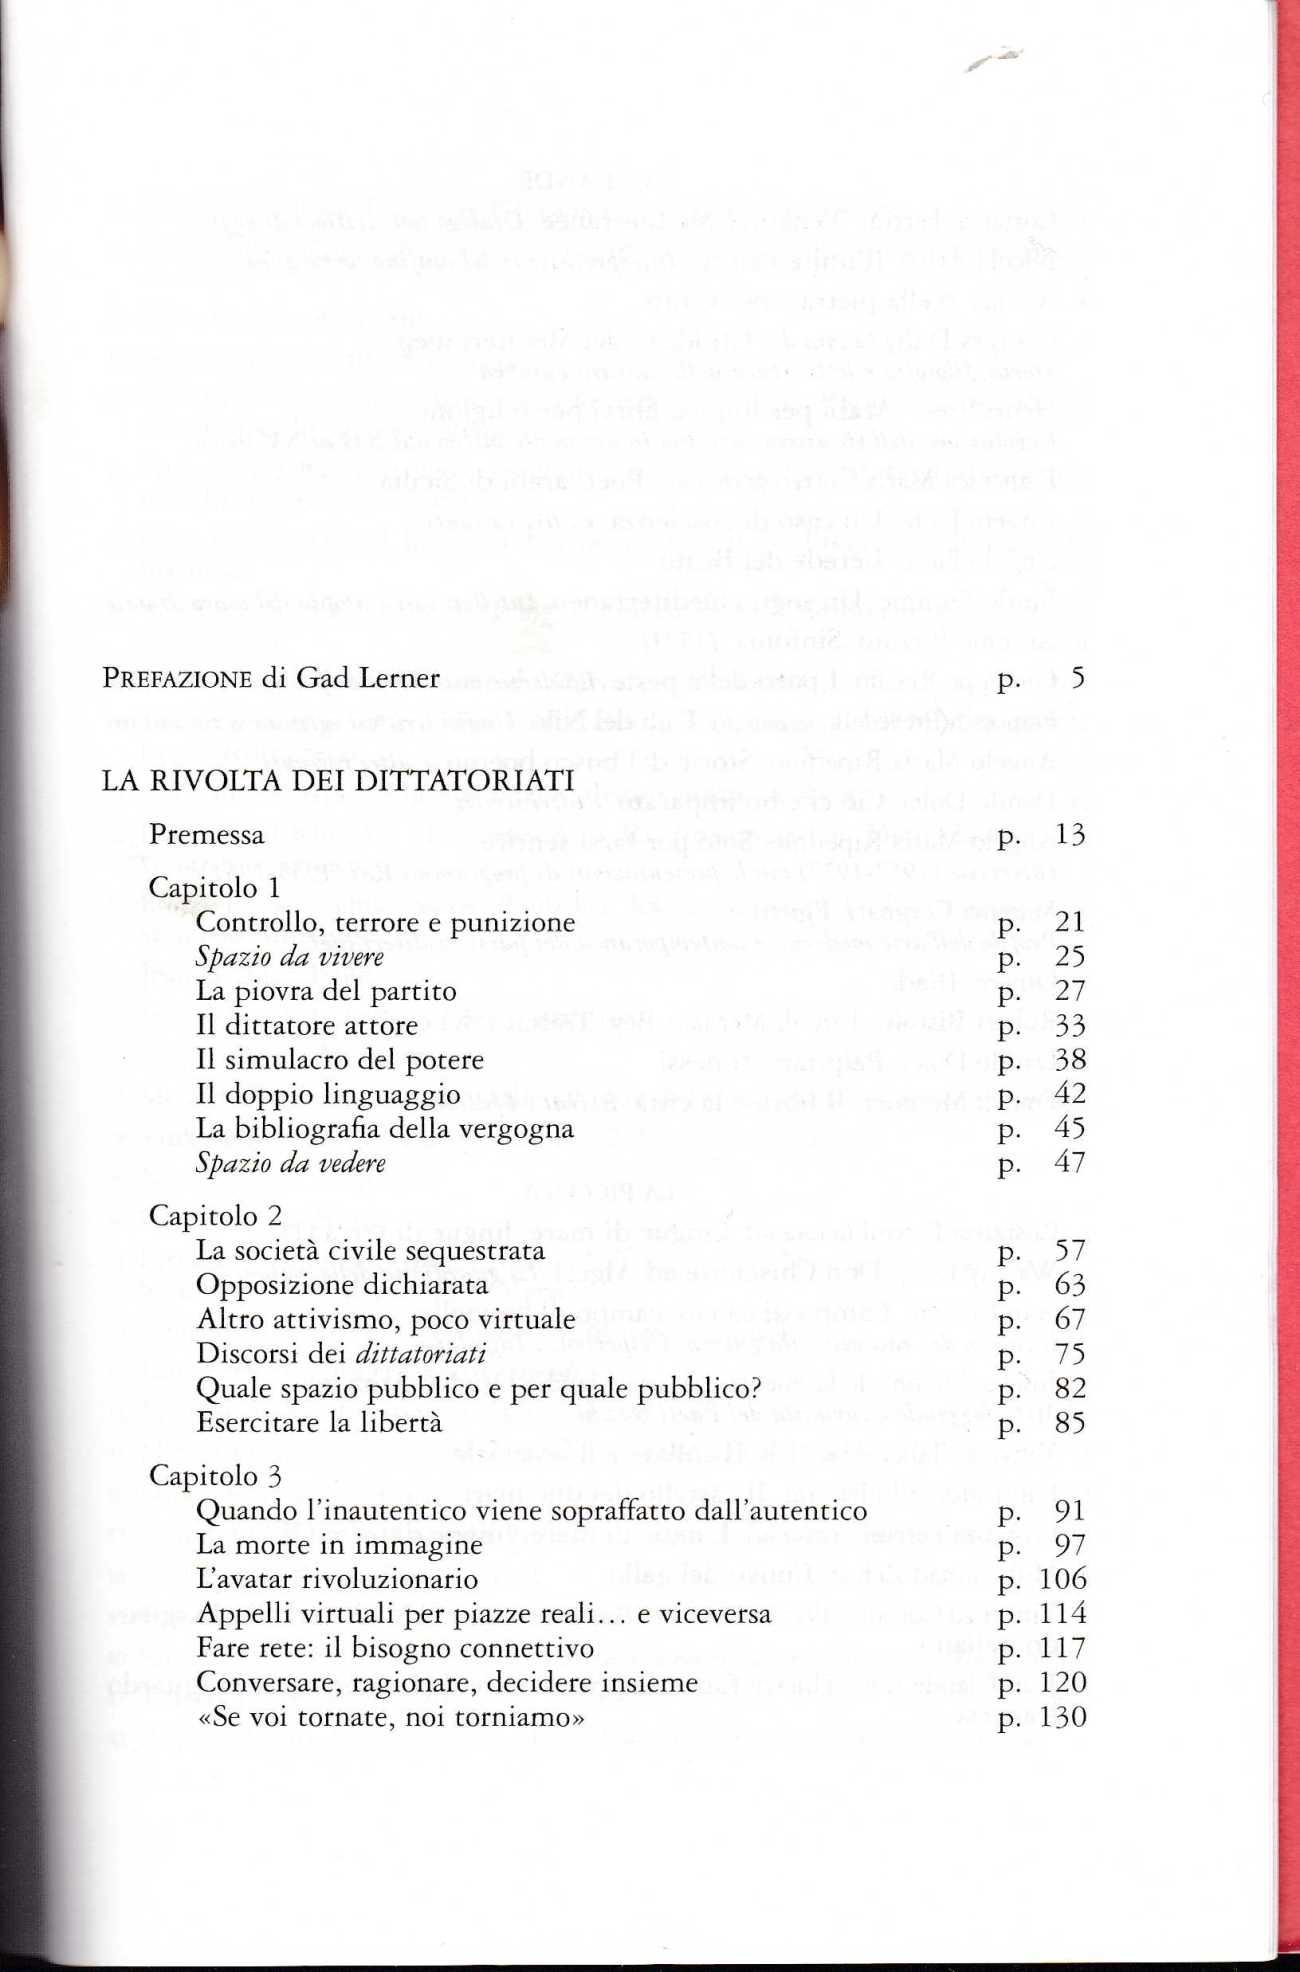 ouejdane2364